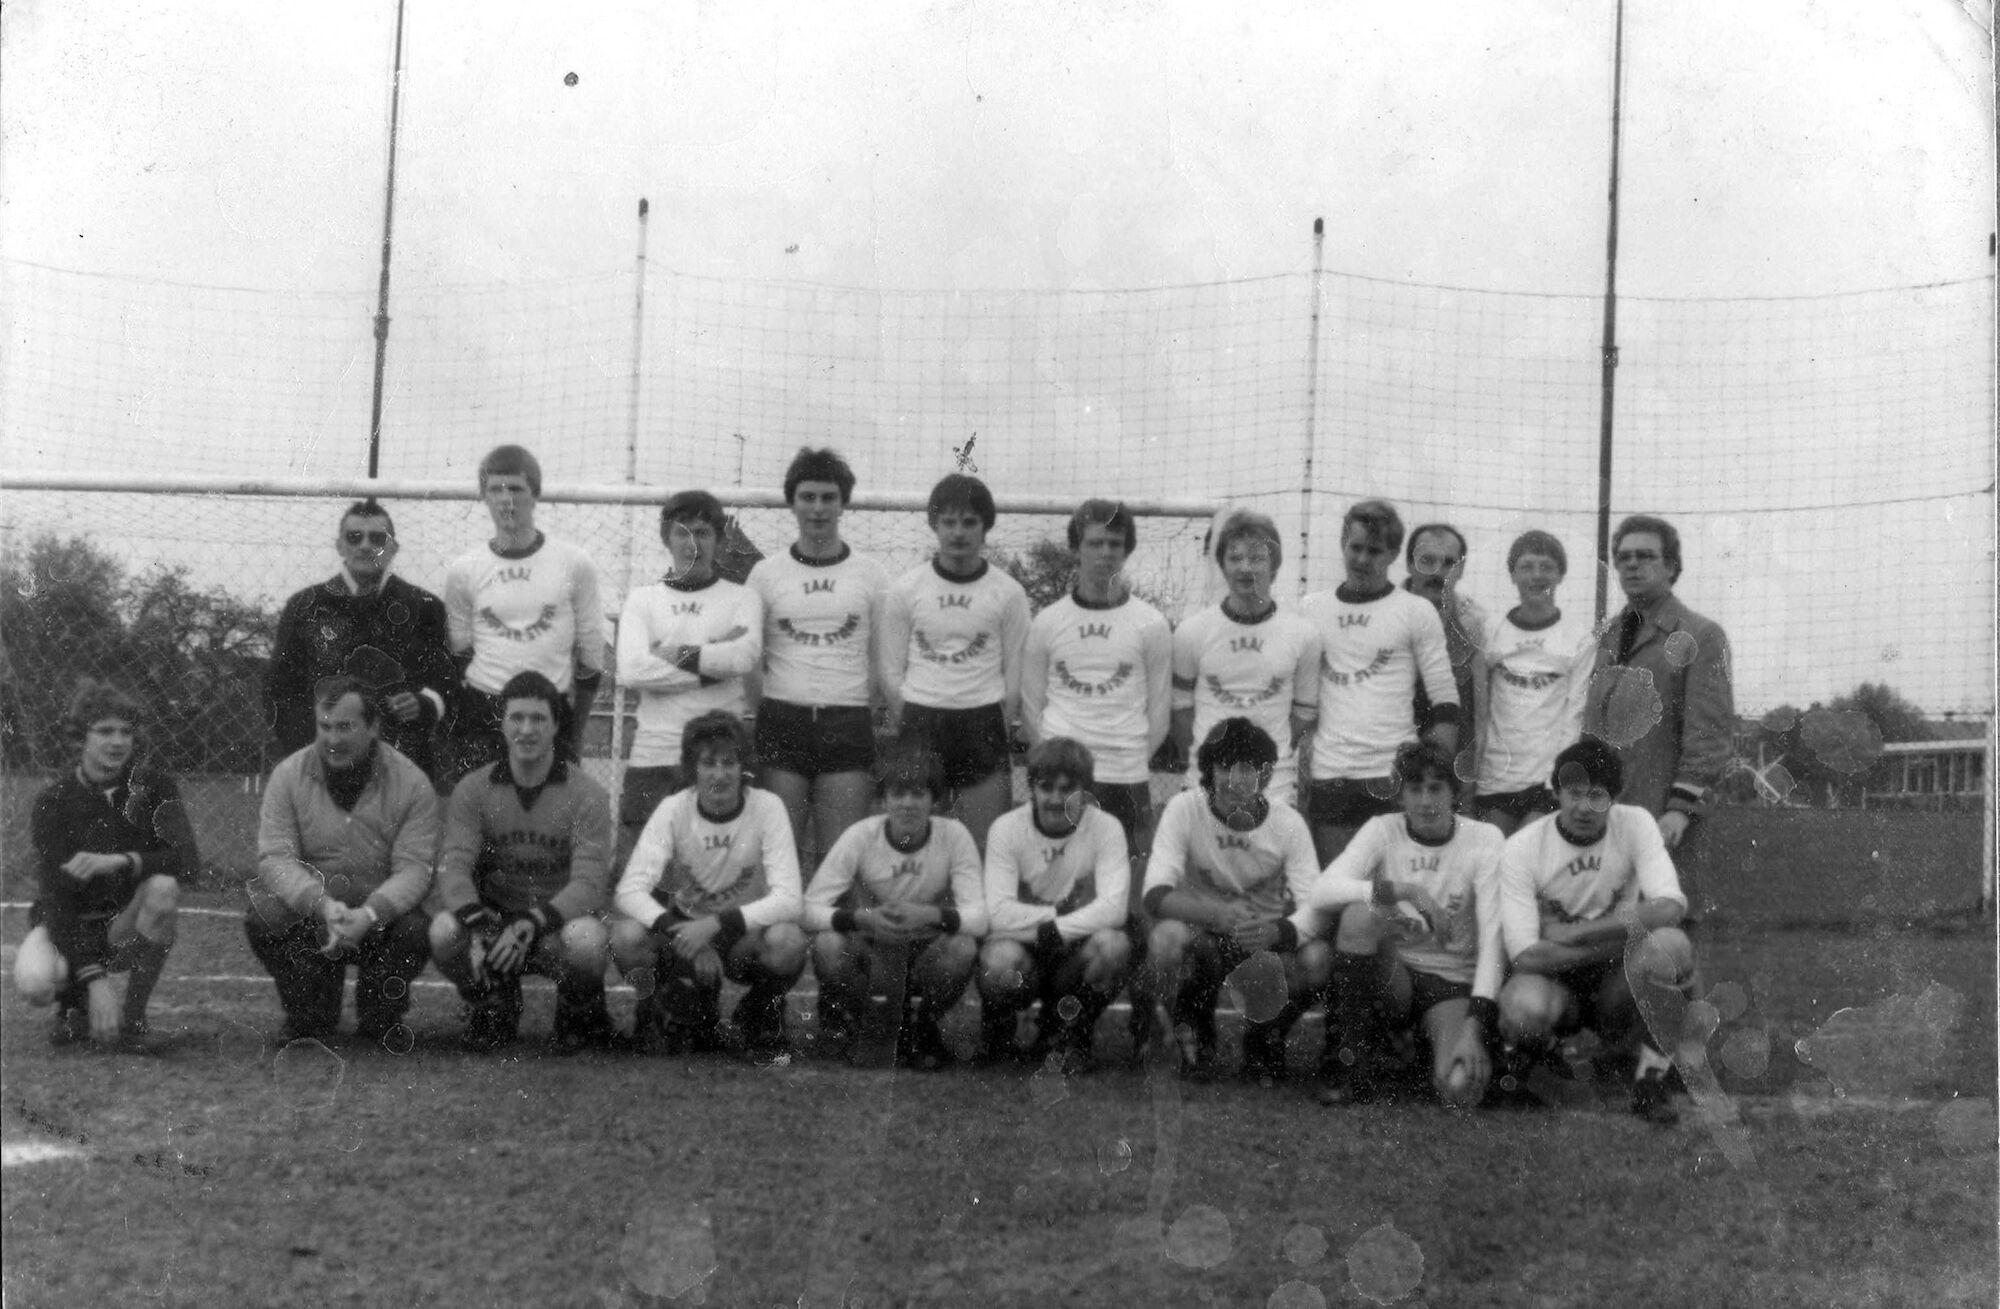 Louise Marie: groepsfoto voetbalploeg juniors 1982 - 1983